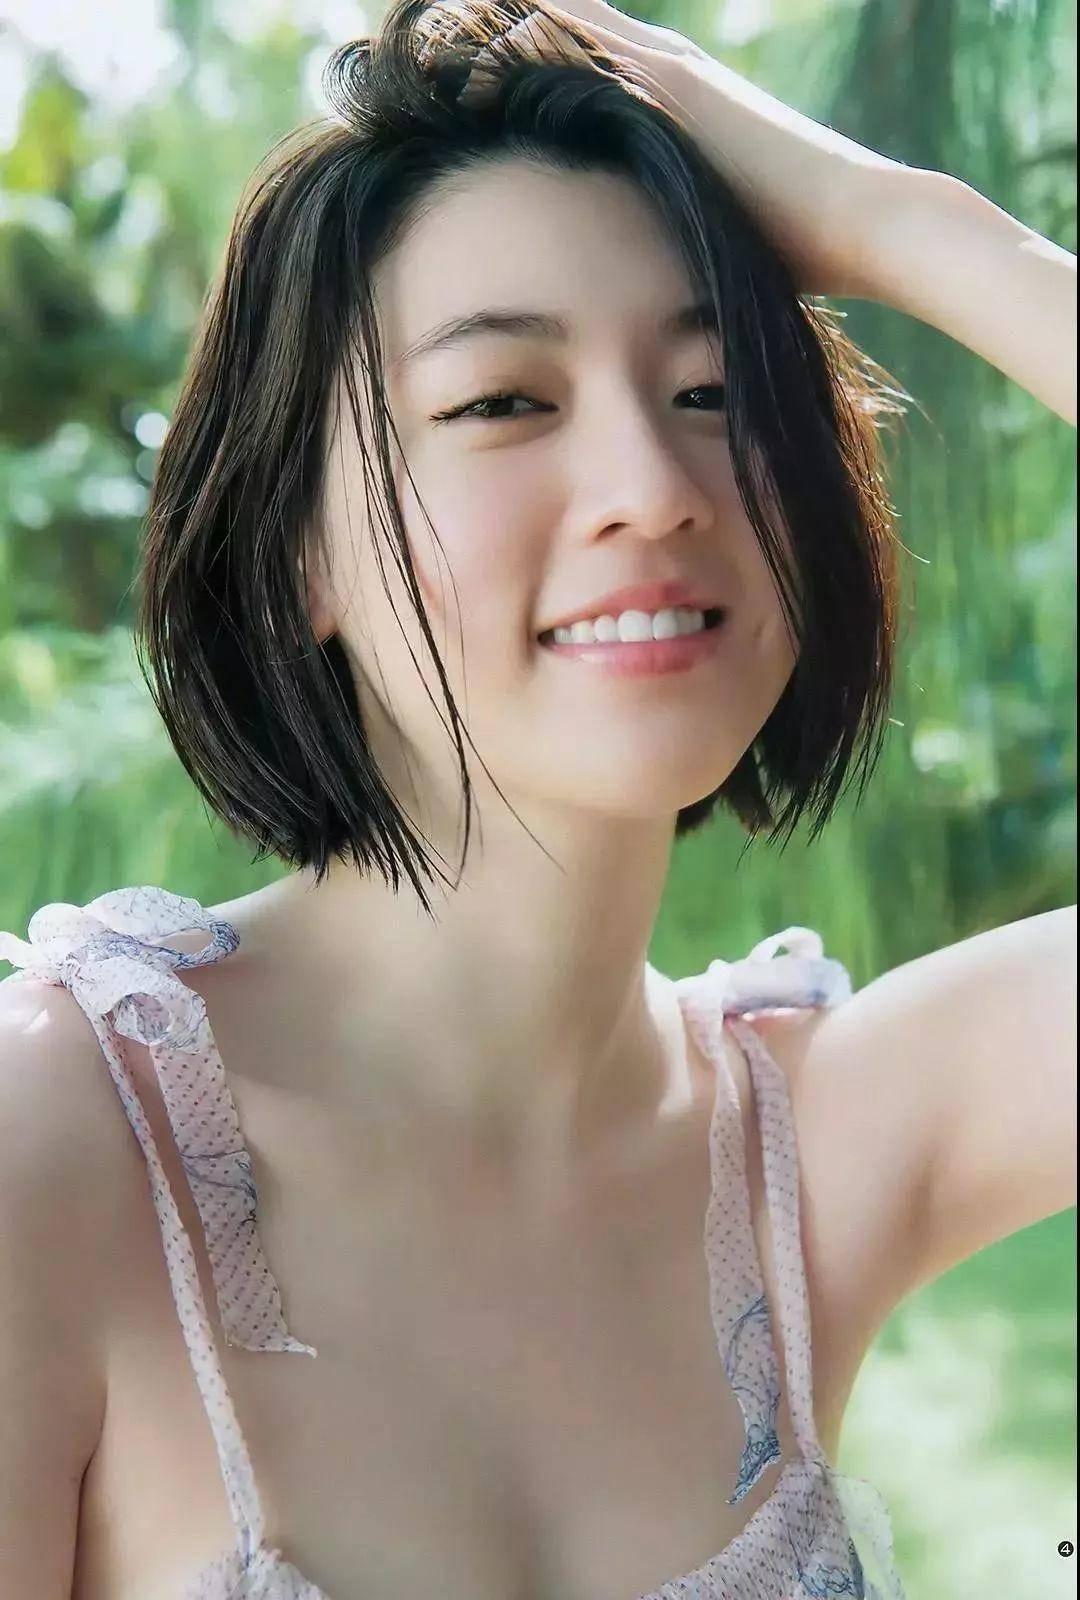 周董「说好不哭」女主三吉彩花,美到全世界都在讨论的空灵美女